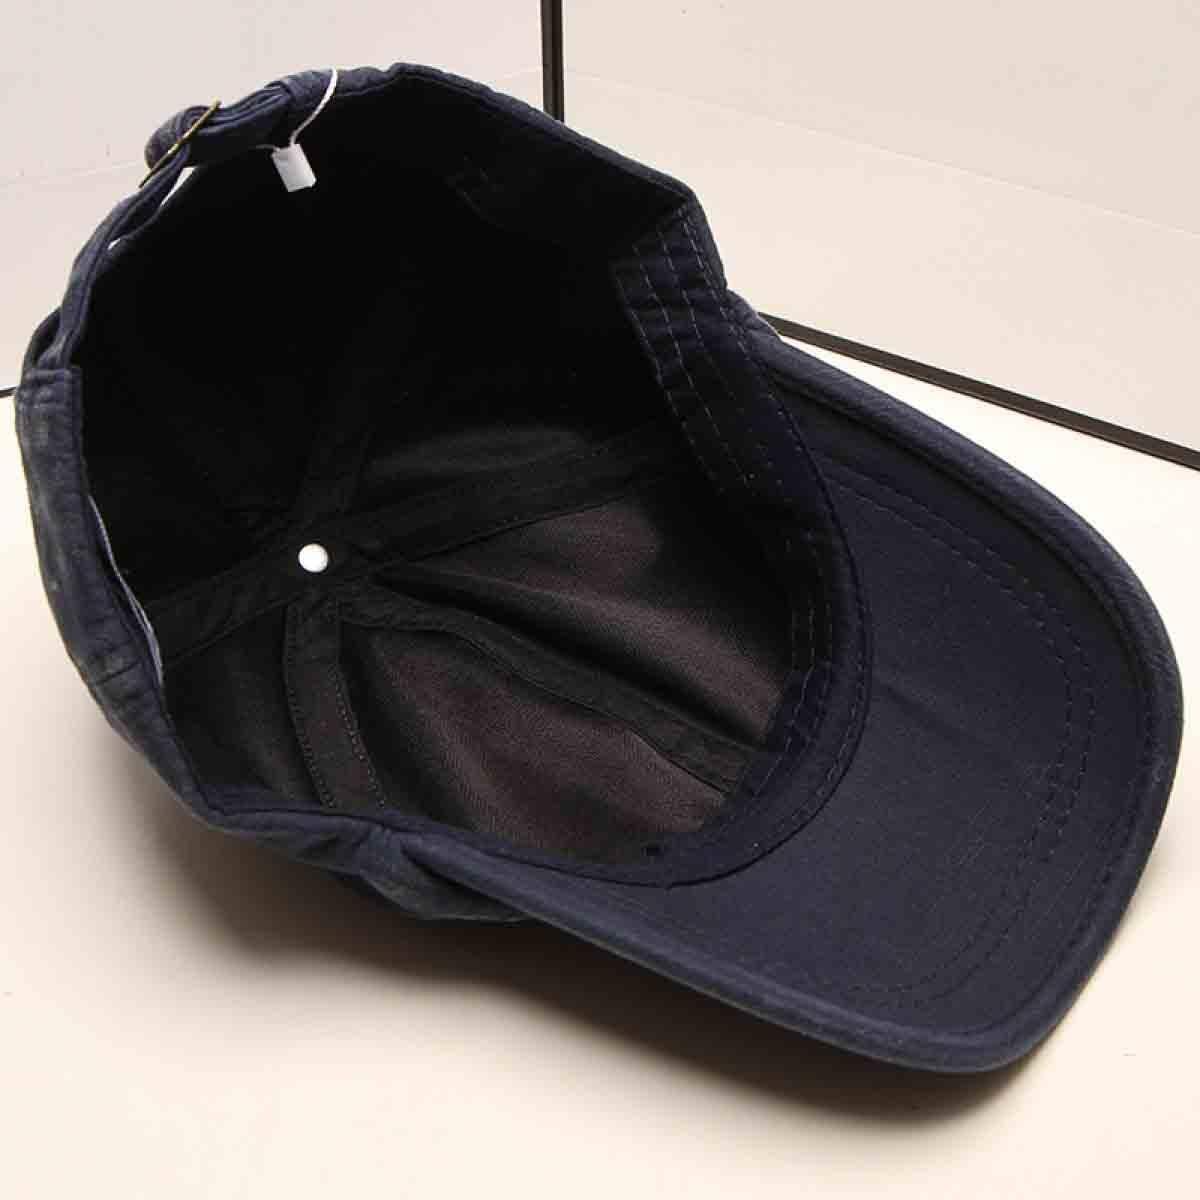 ZHMIAO Berretto Da Baseball Cappello Sportivo Per Uso Esterno Nelle  Stagioni Primavera Estate Autunno Inverno.  Amazon.it  Abbigliamento e0442a3085c7